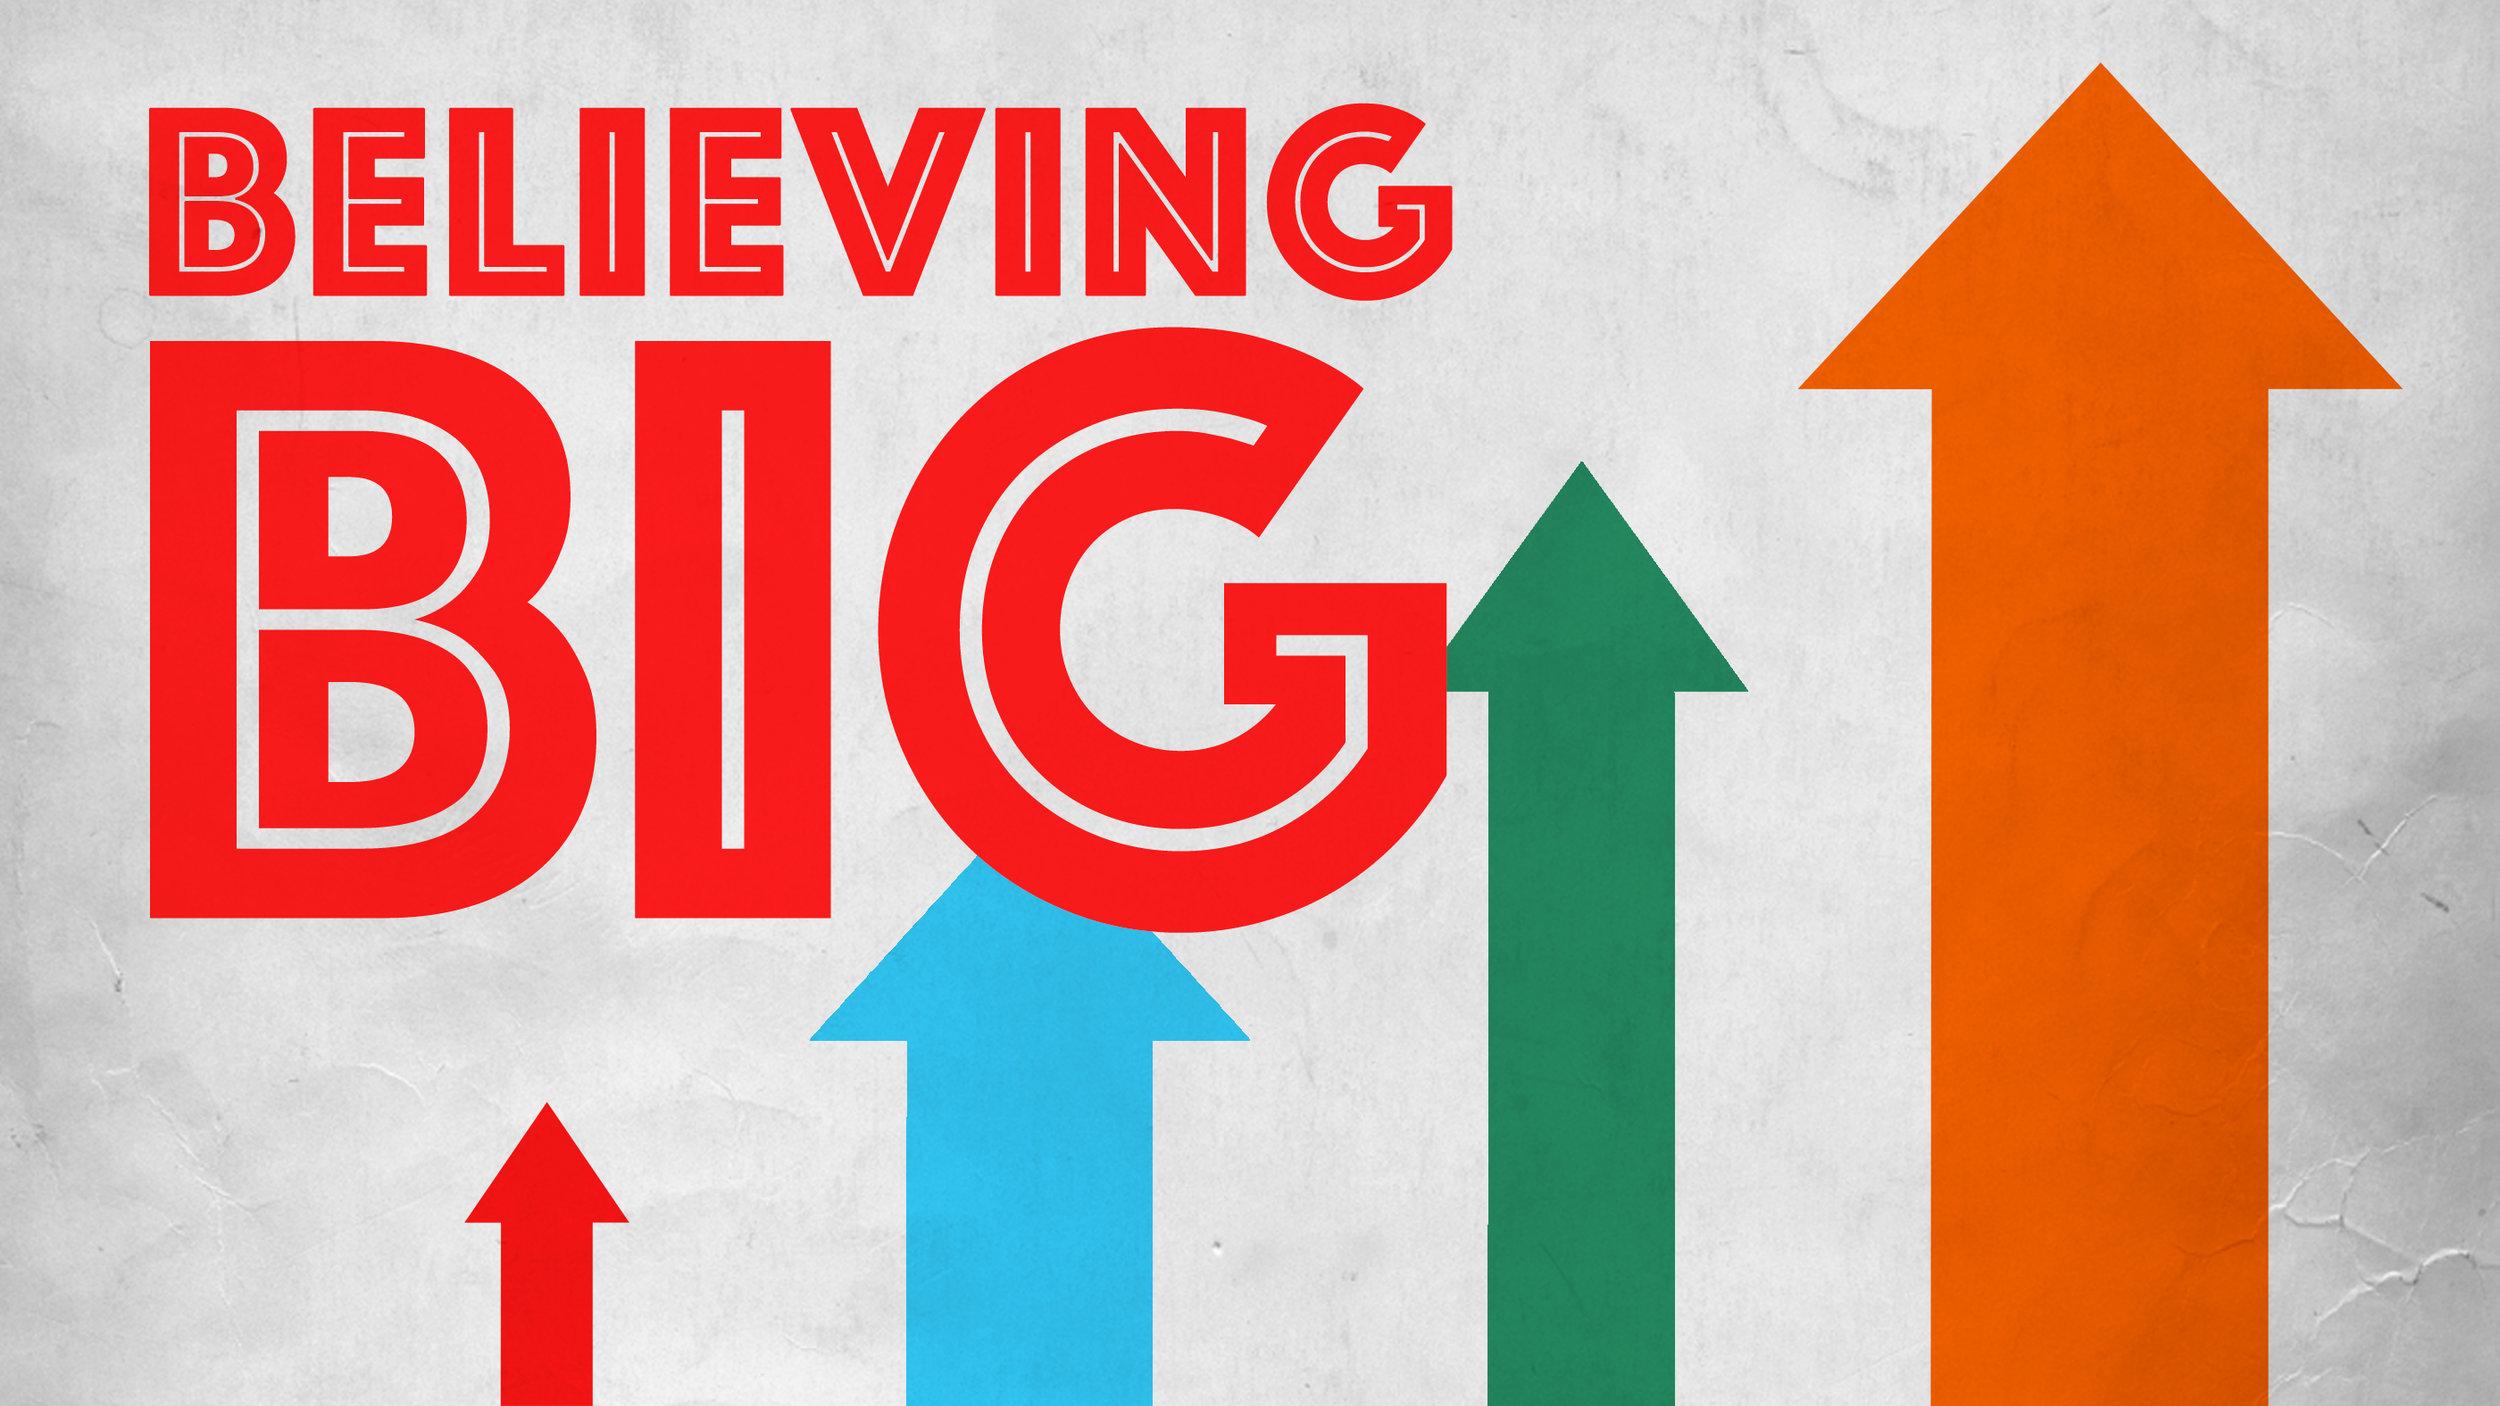 believing big arrows.jpg